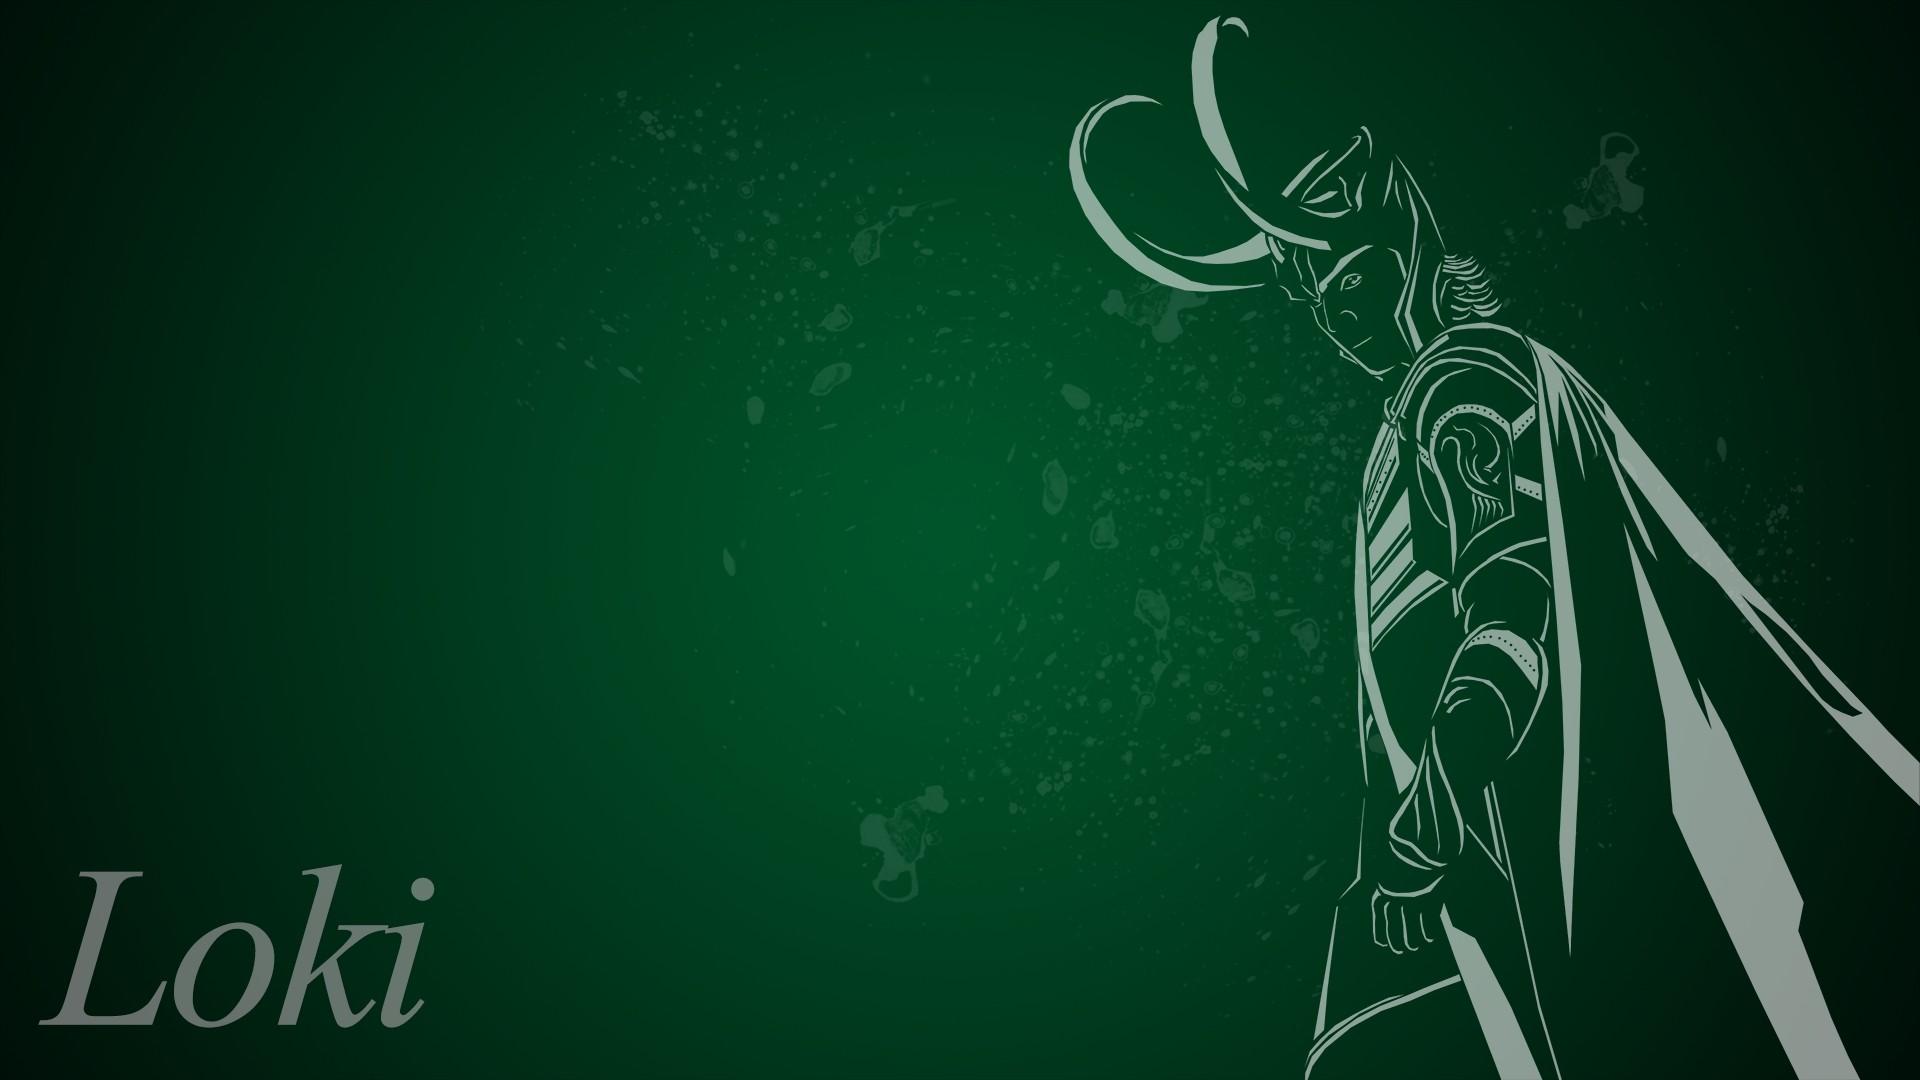 Loki Full HD Wallpaper